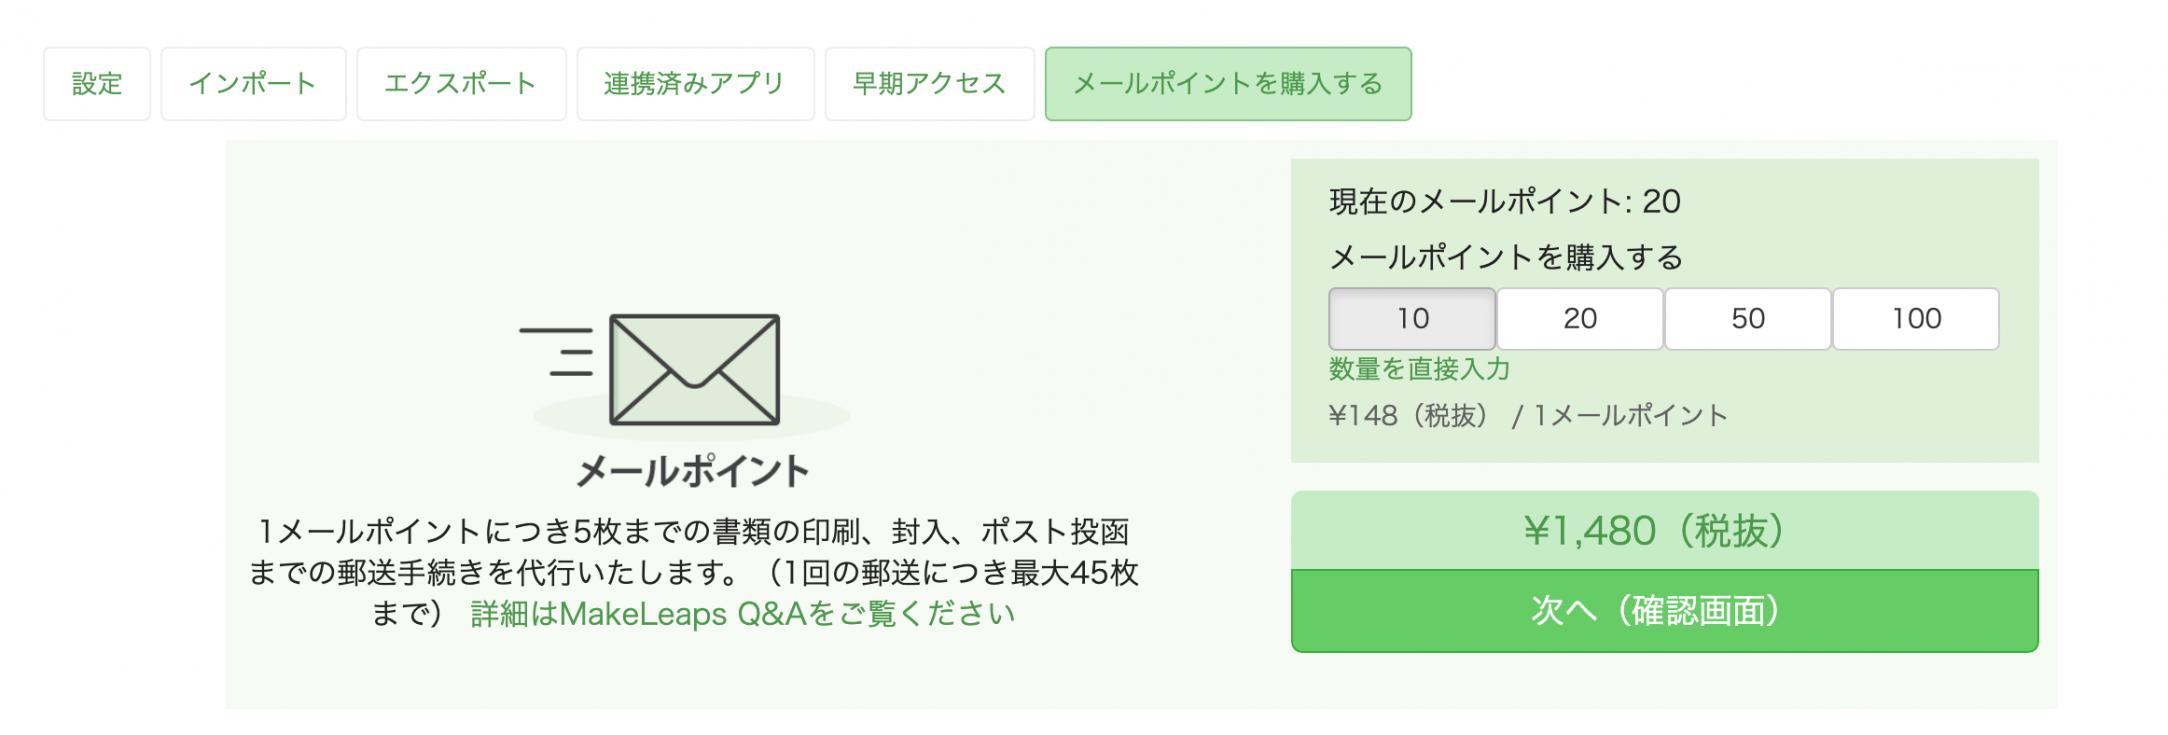 purchase_MP_ml4sf